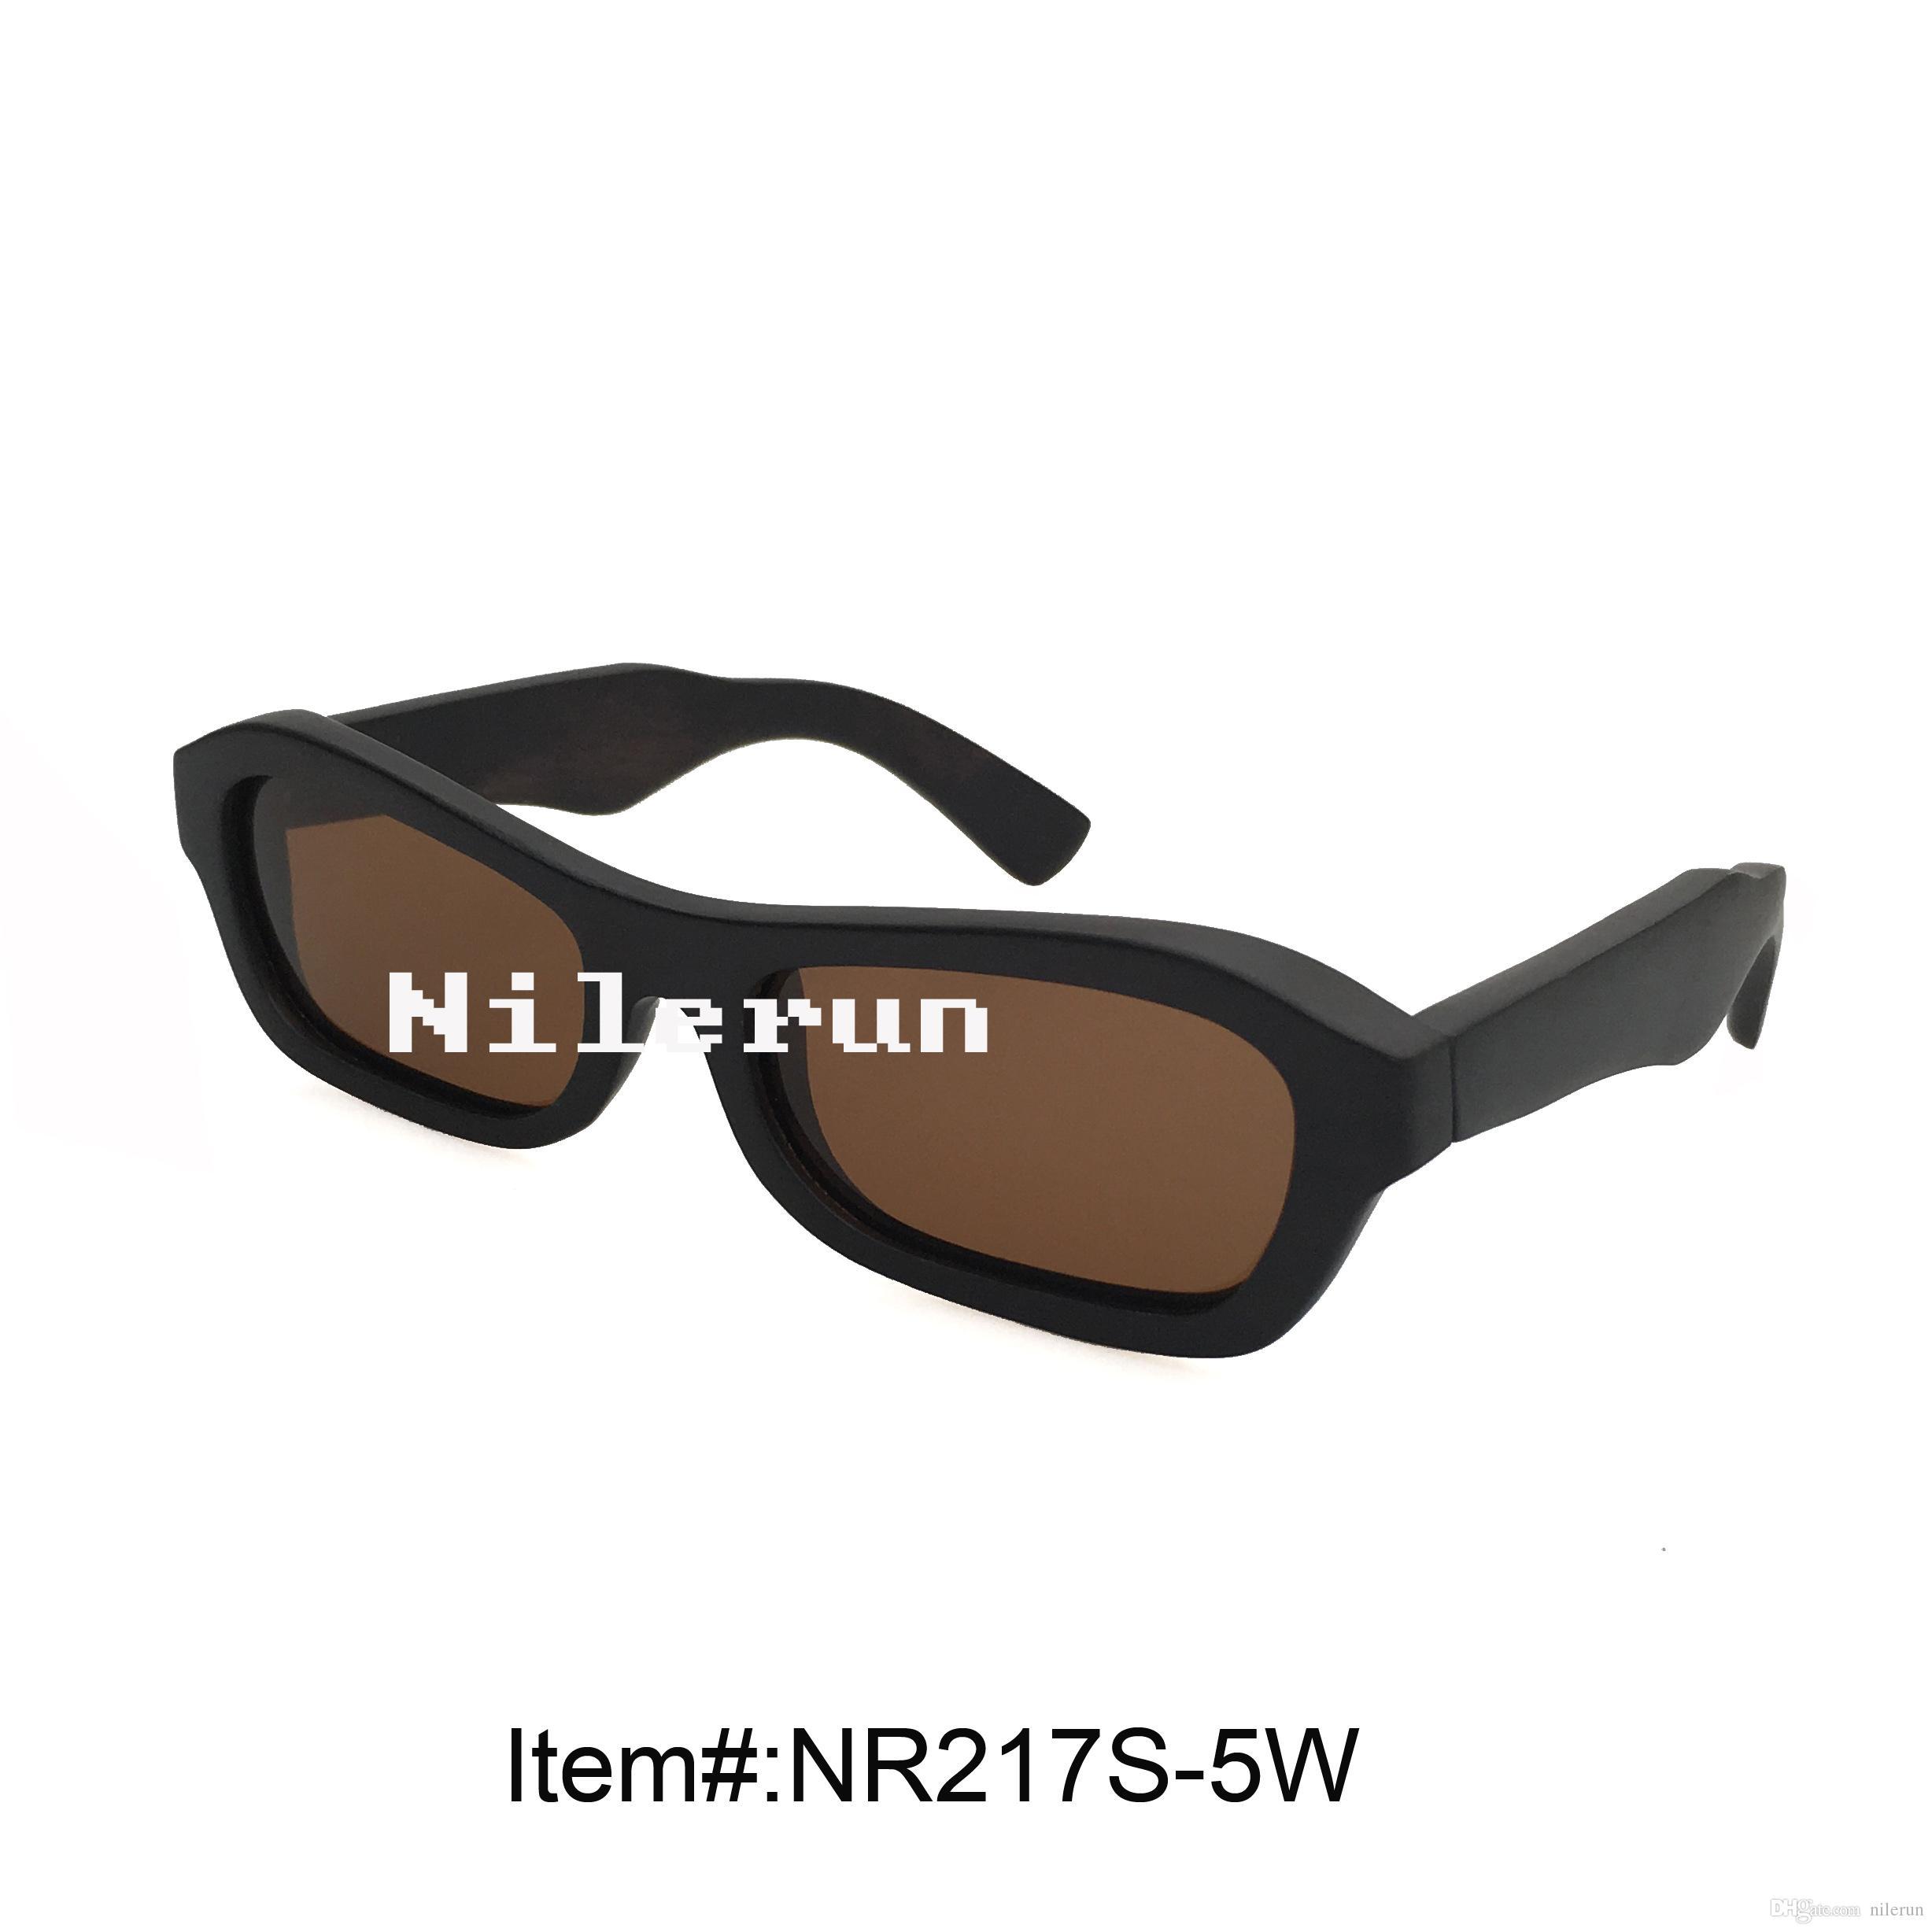 occhiali da sole rettangolari in legno nero